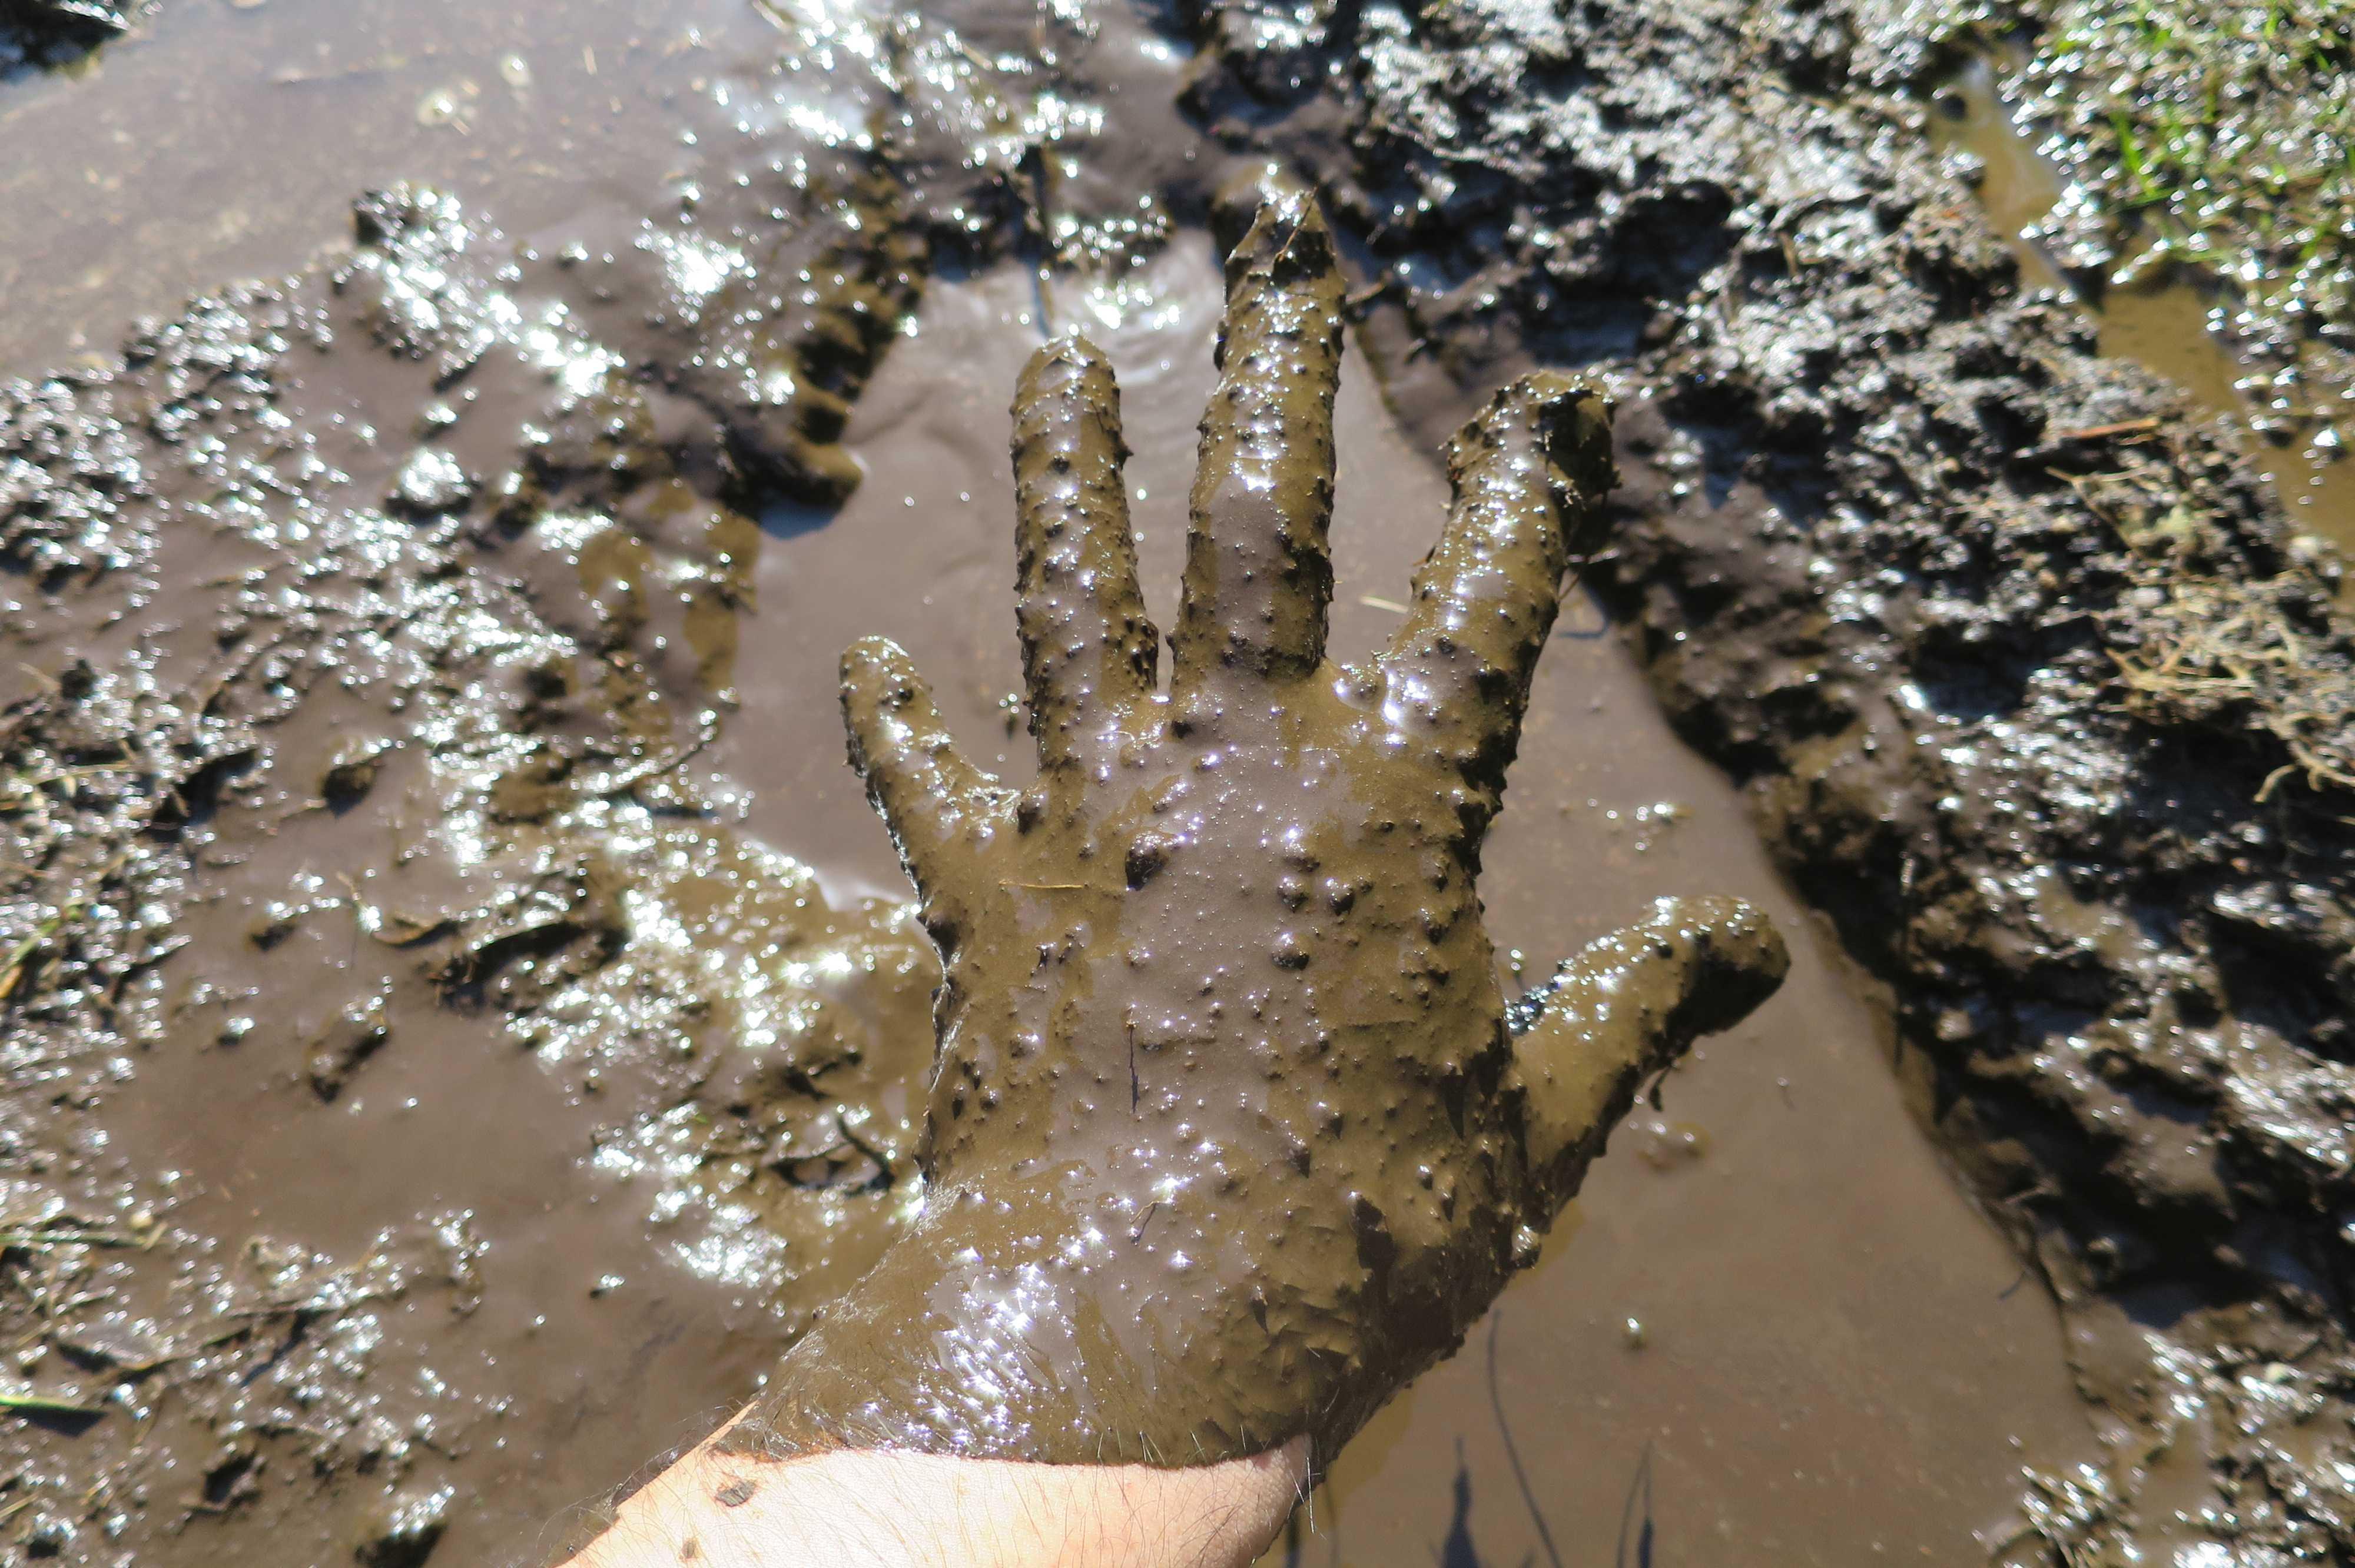 どろだらけ - 泥んこ遊び